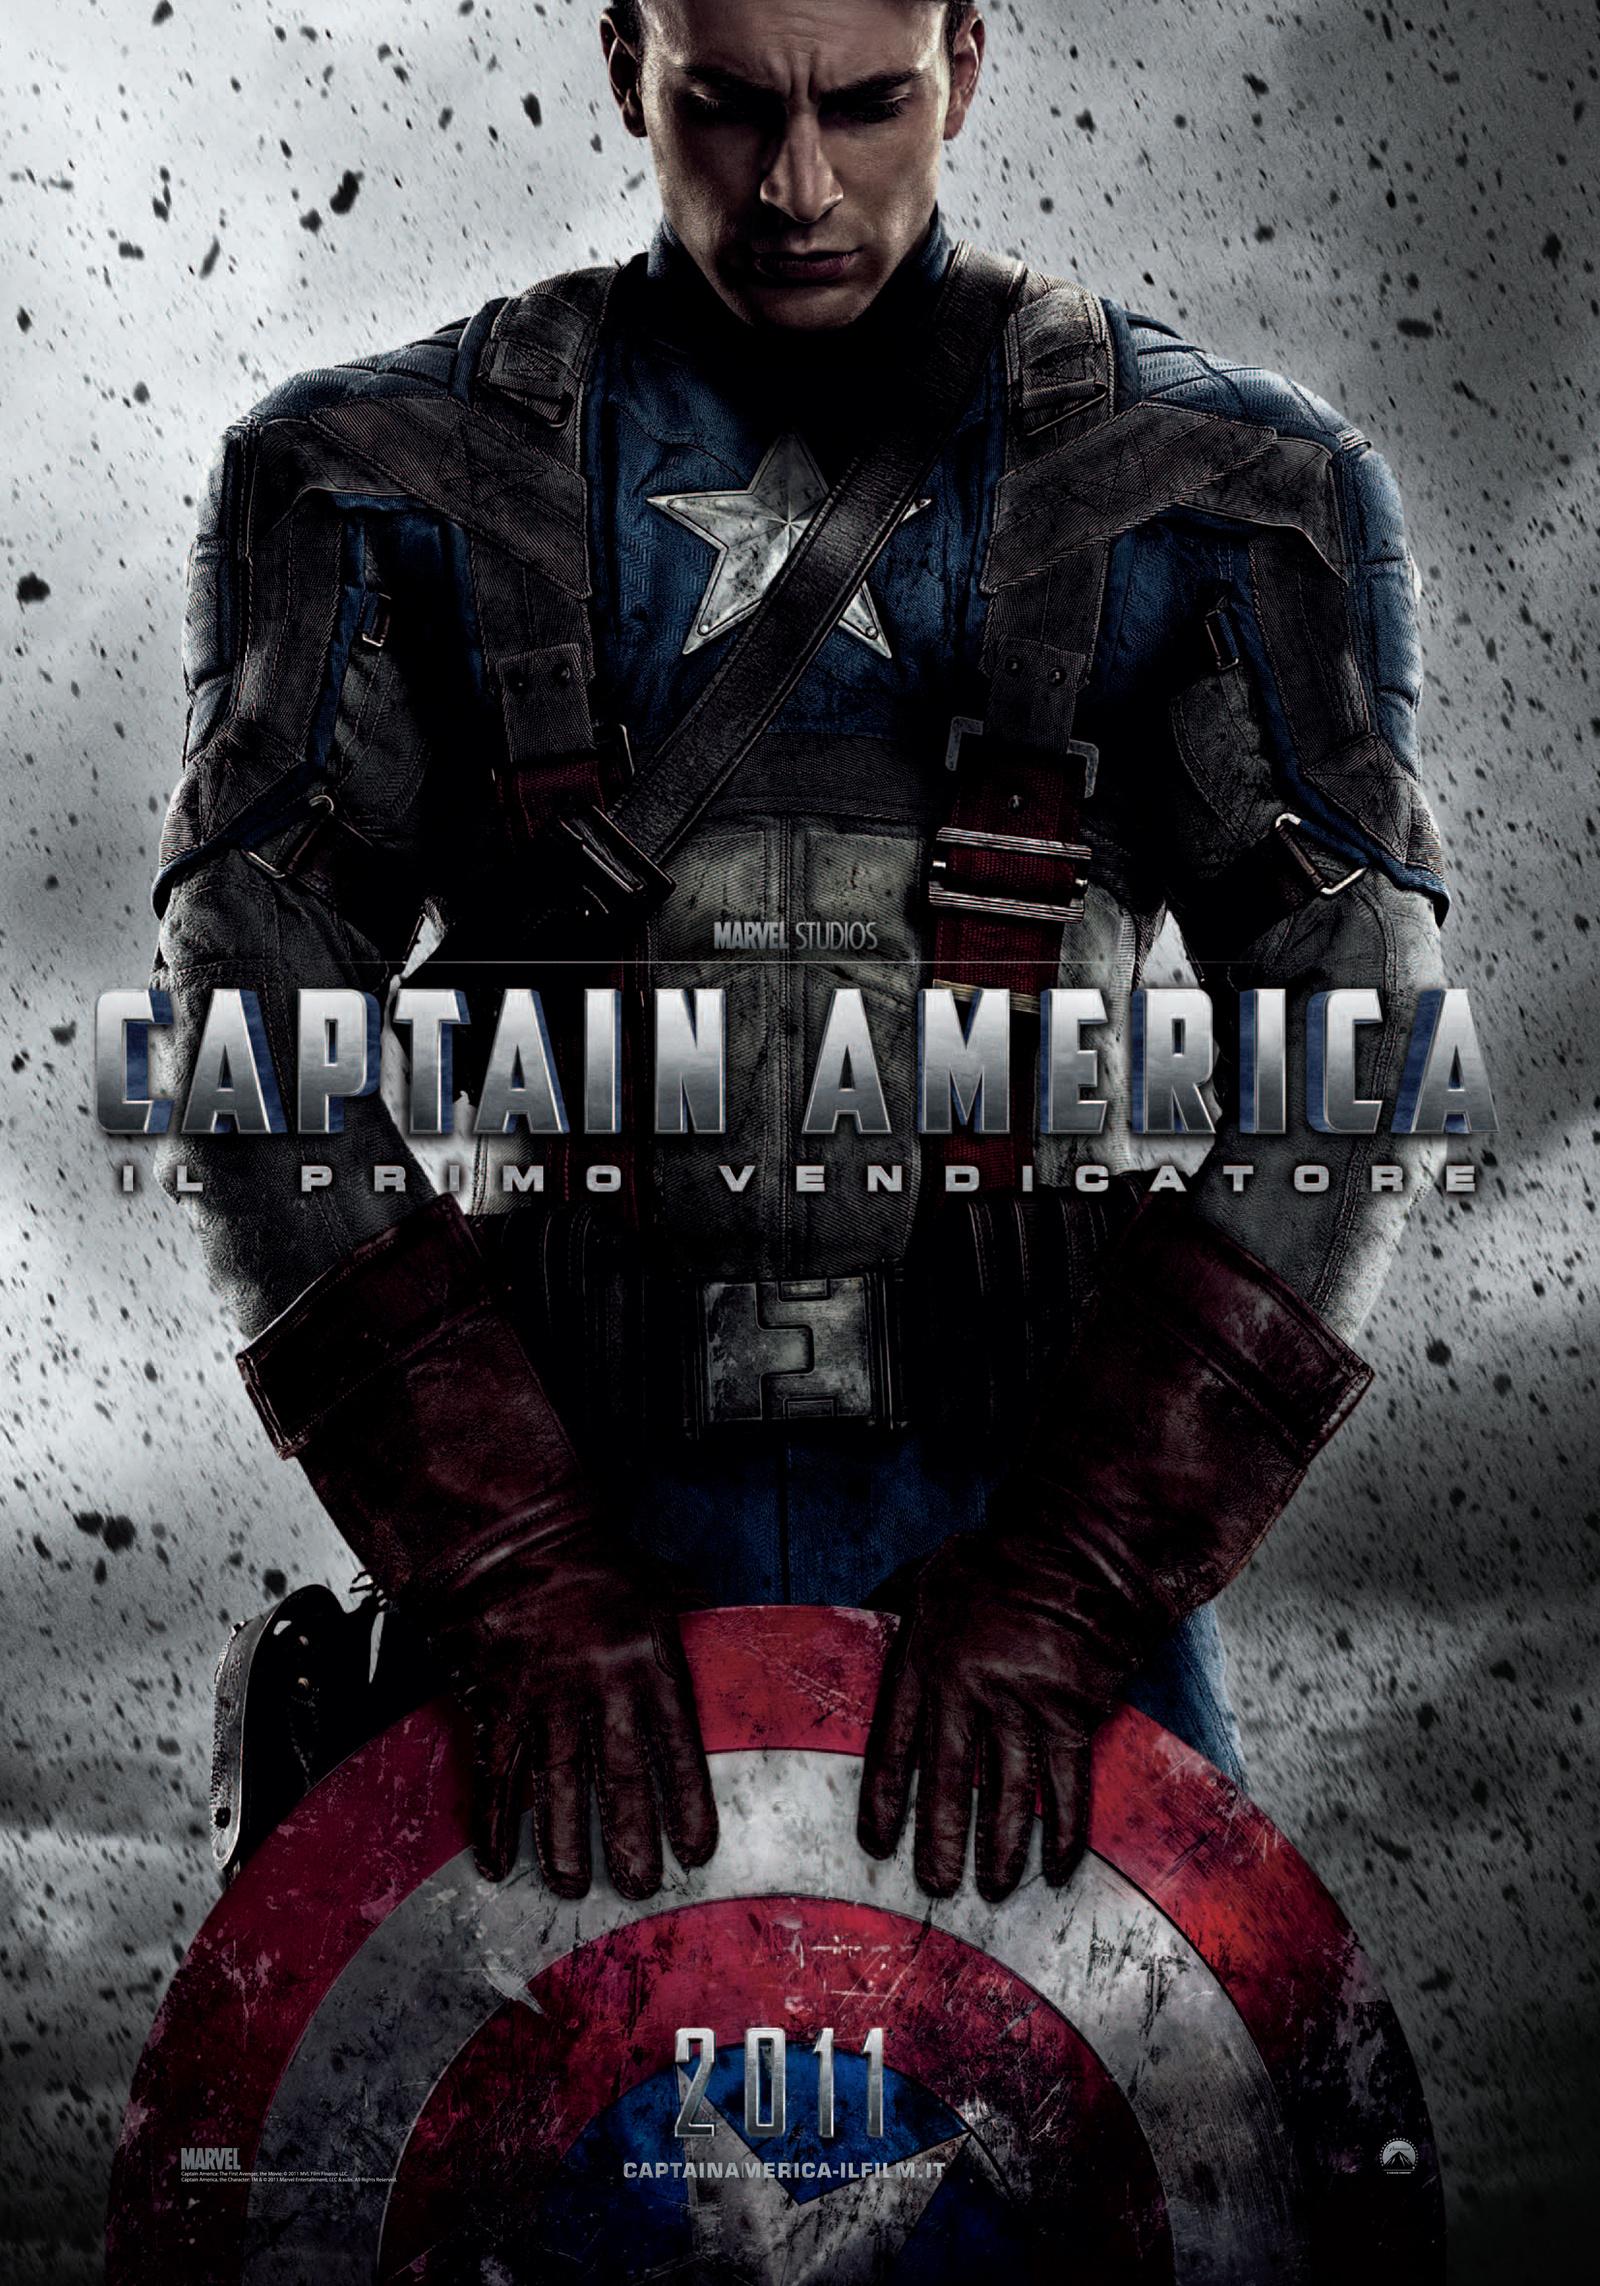 美国队长 [以后我们的抗日剧也可以融入漫威宇宙啊,超能力是百分百手撕敌人,遇到自然系果实就有点不好整了..]